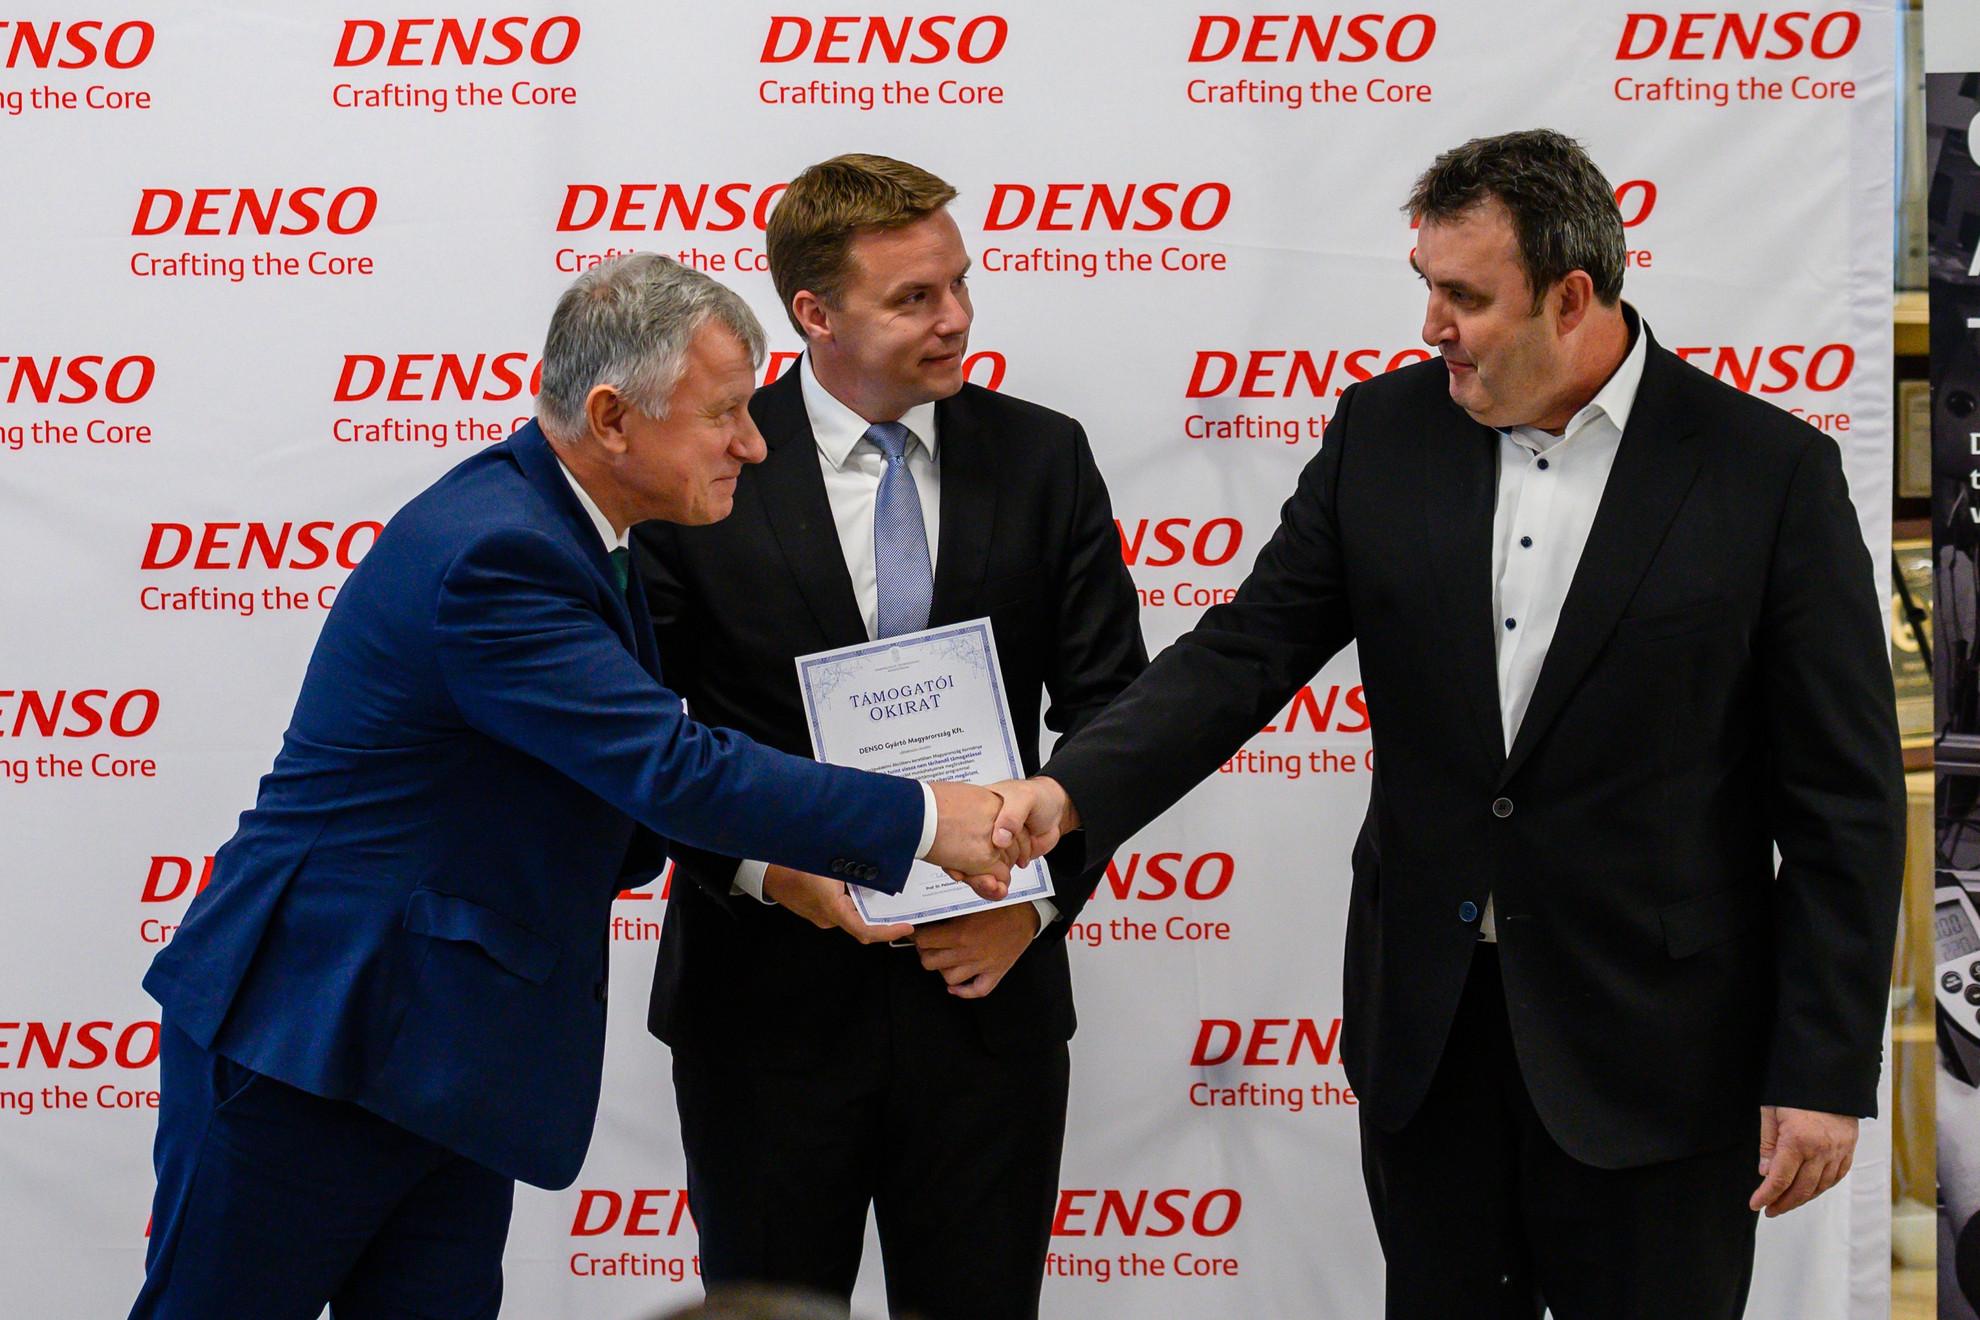 A Denso 3800 dolgozójának munkahelyét védte meg a Gazdaságvédelmi akcióterv